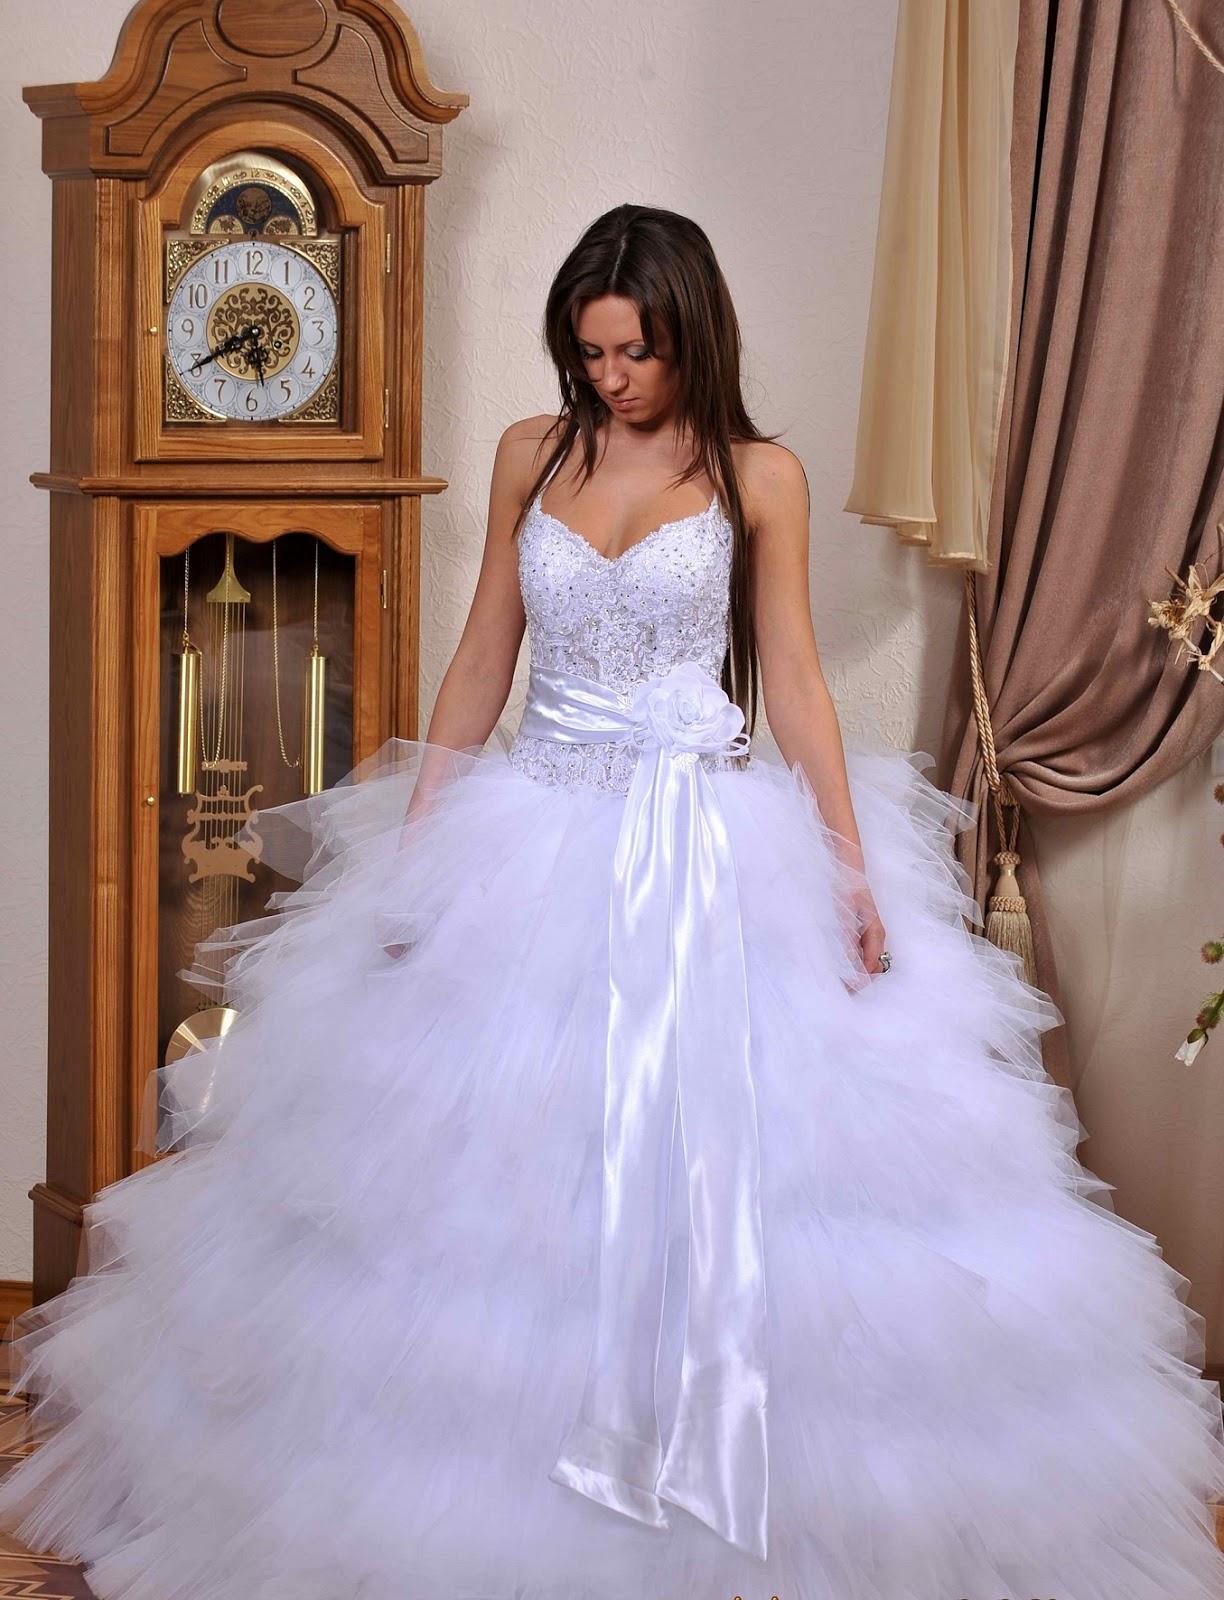 Хочу на весілля дуже дуже пишного плаття допоможіть мені фото 6 фотография